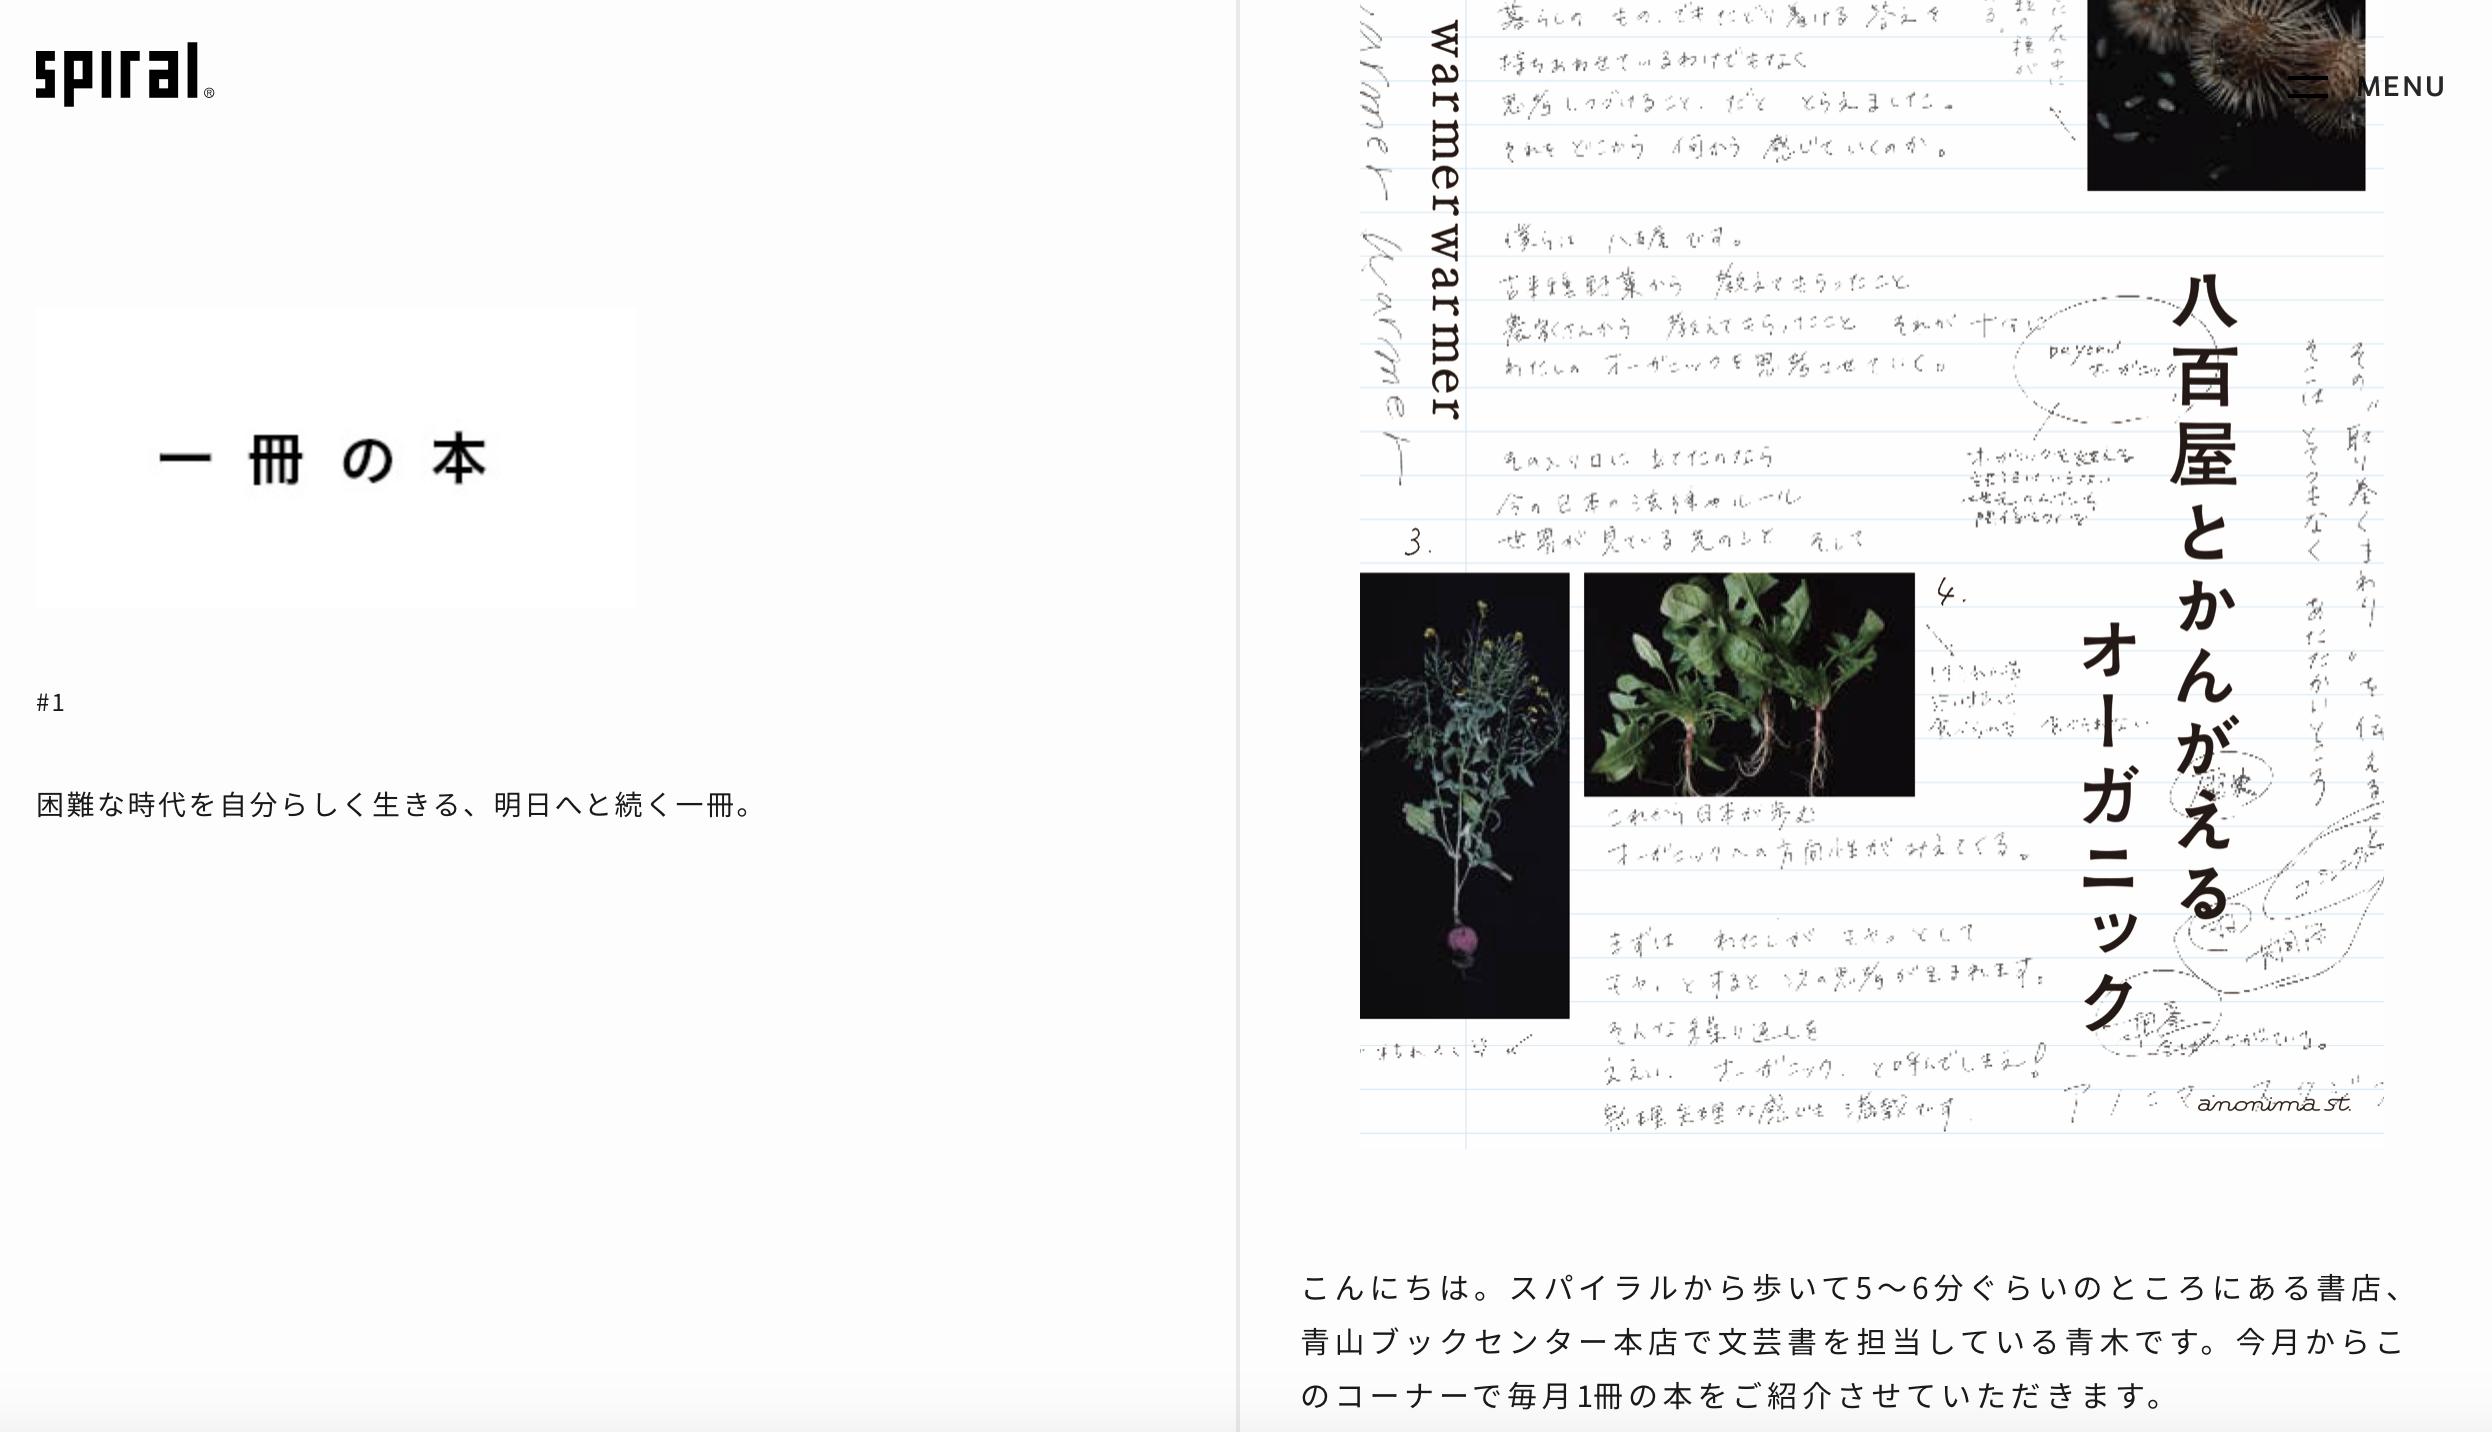 青山・表参道 スパイラルのwebサイトにてご紹介いただきました。